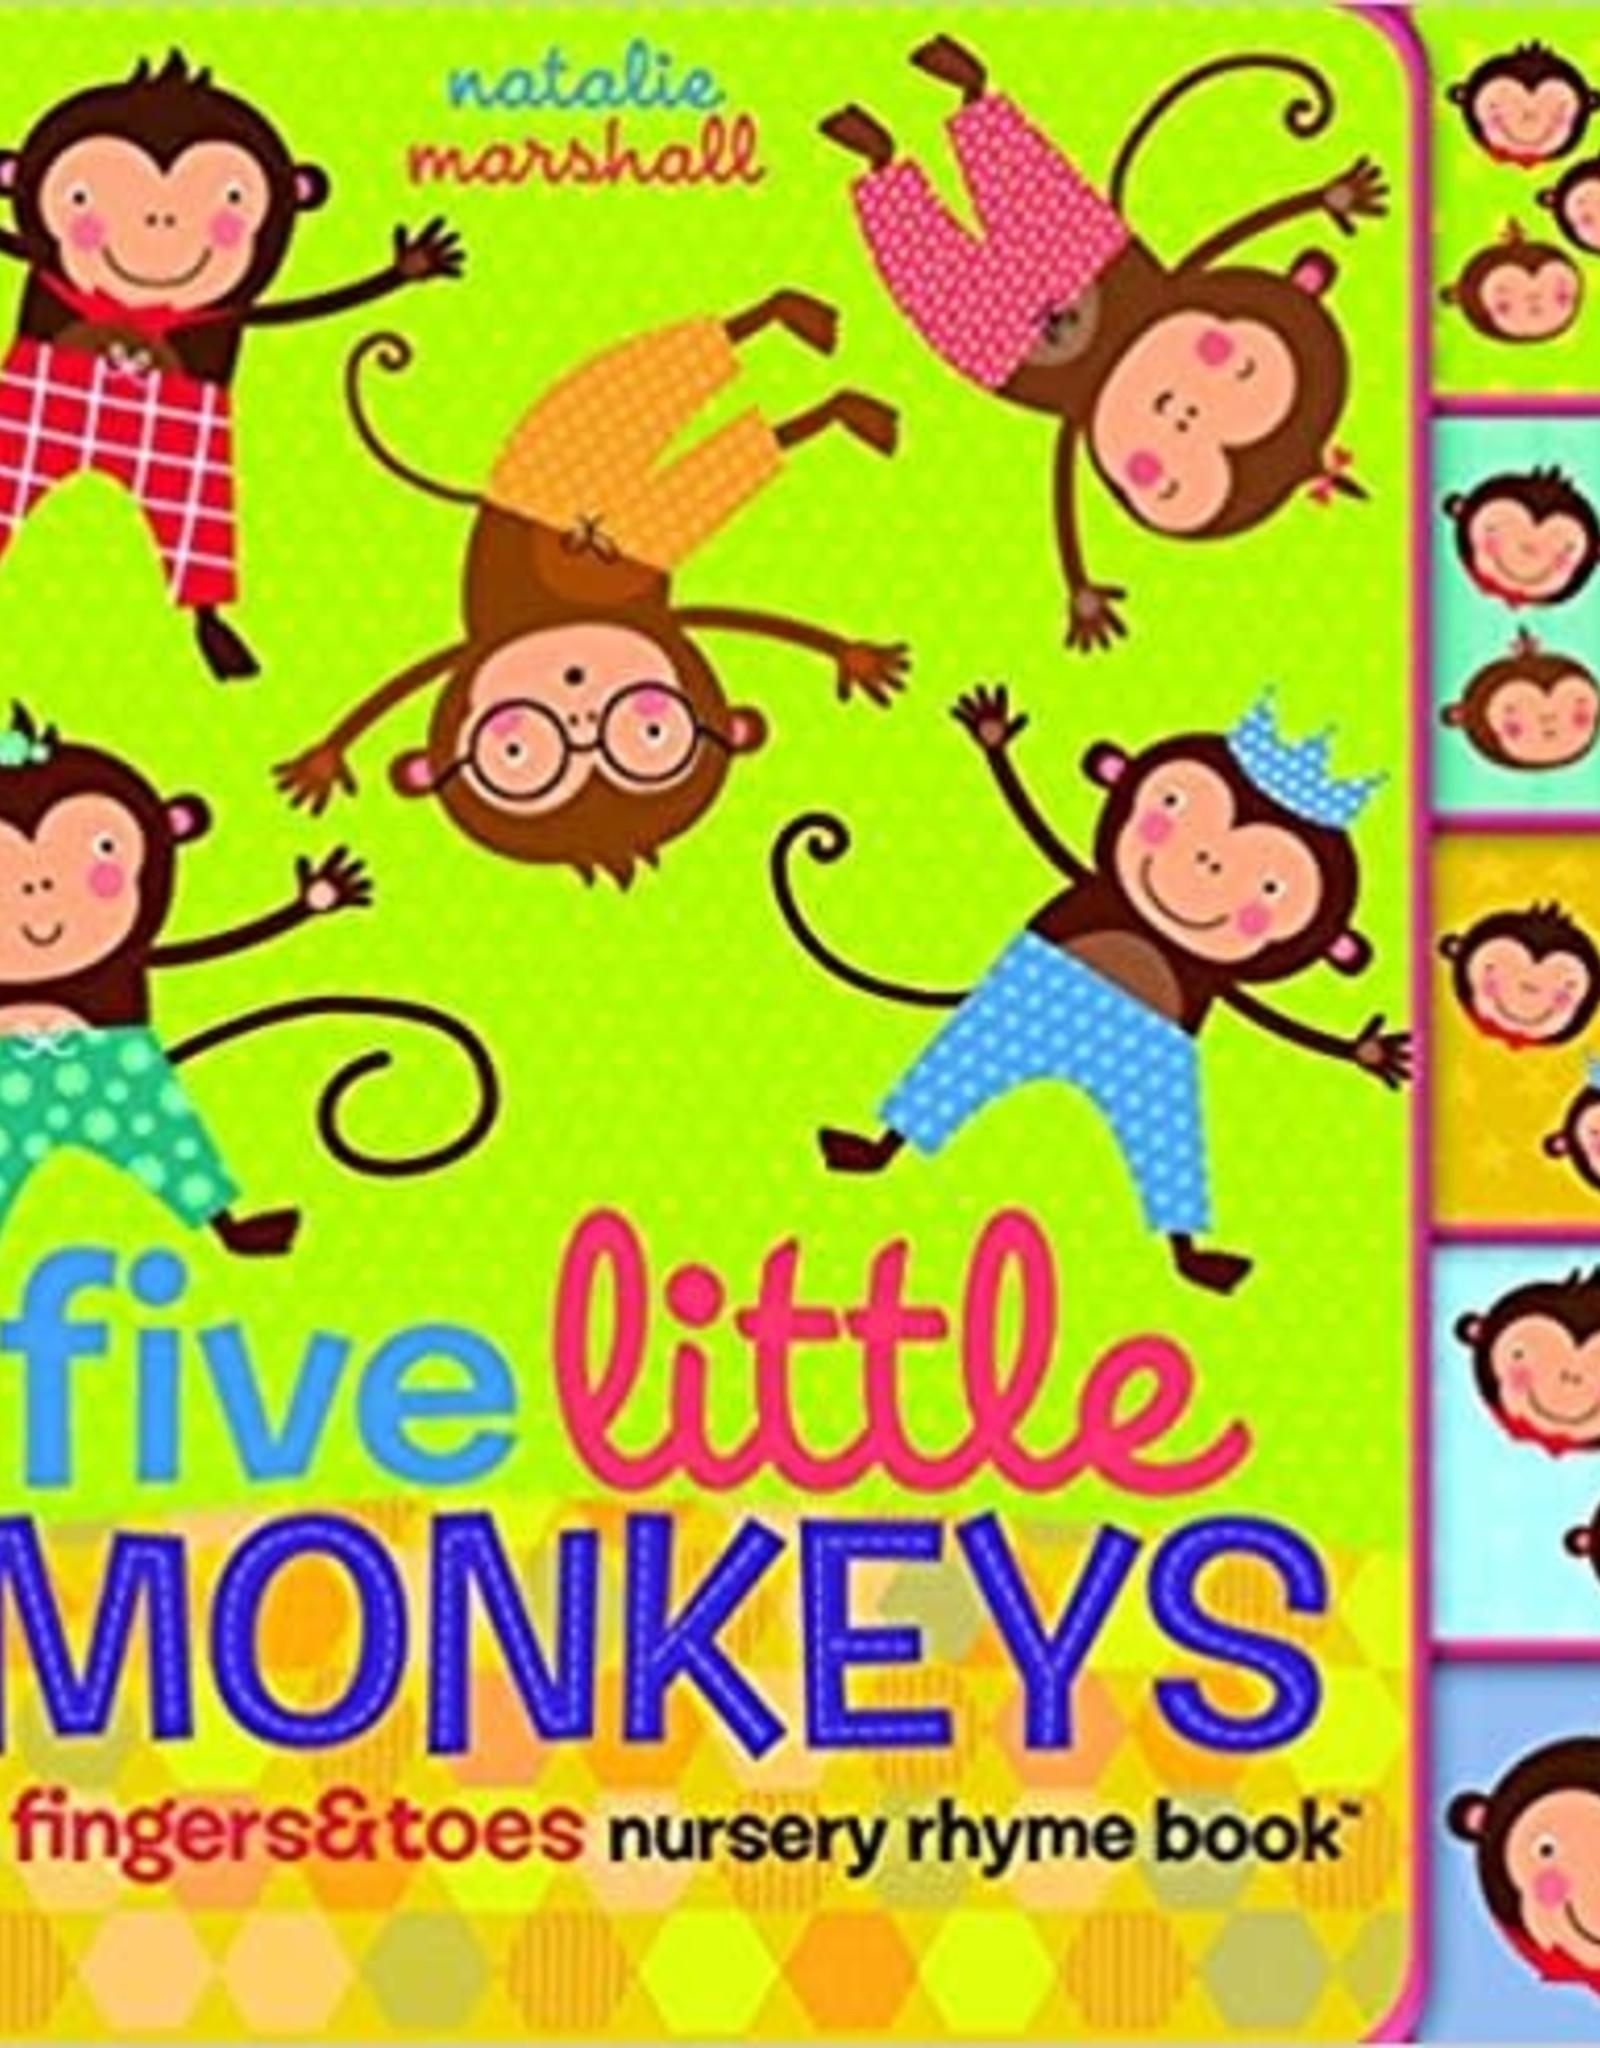 Scholastic Five Little Monkeys